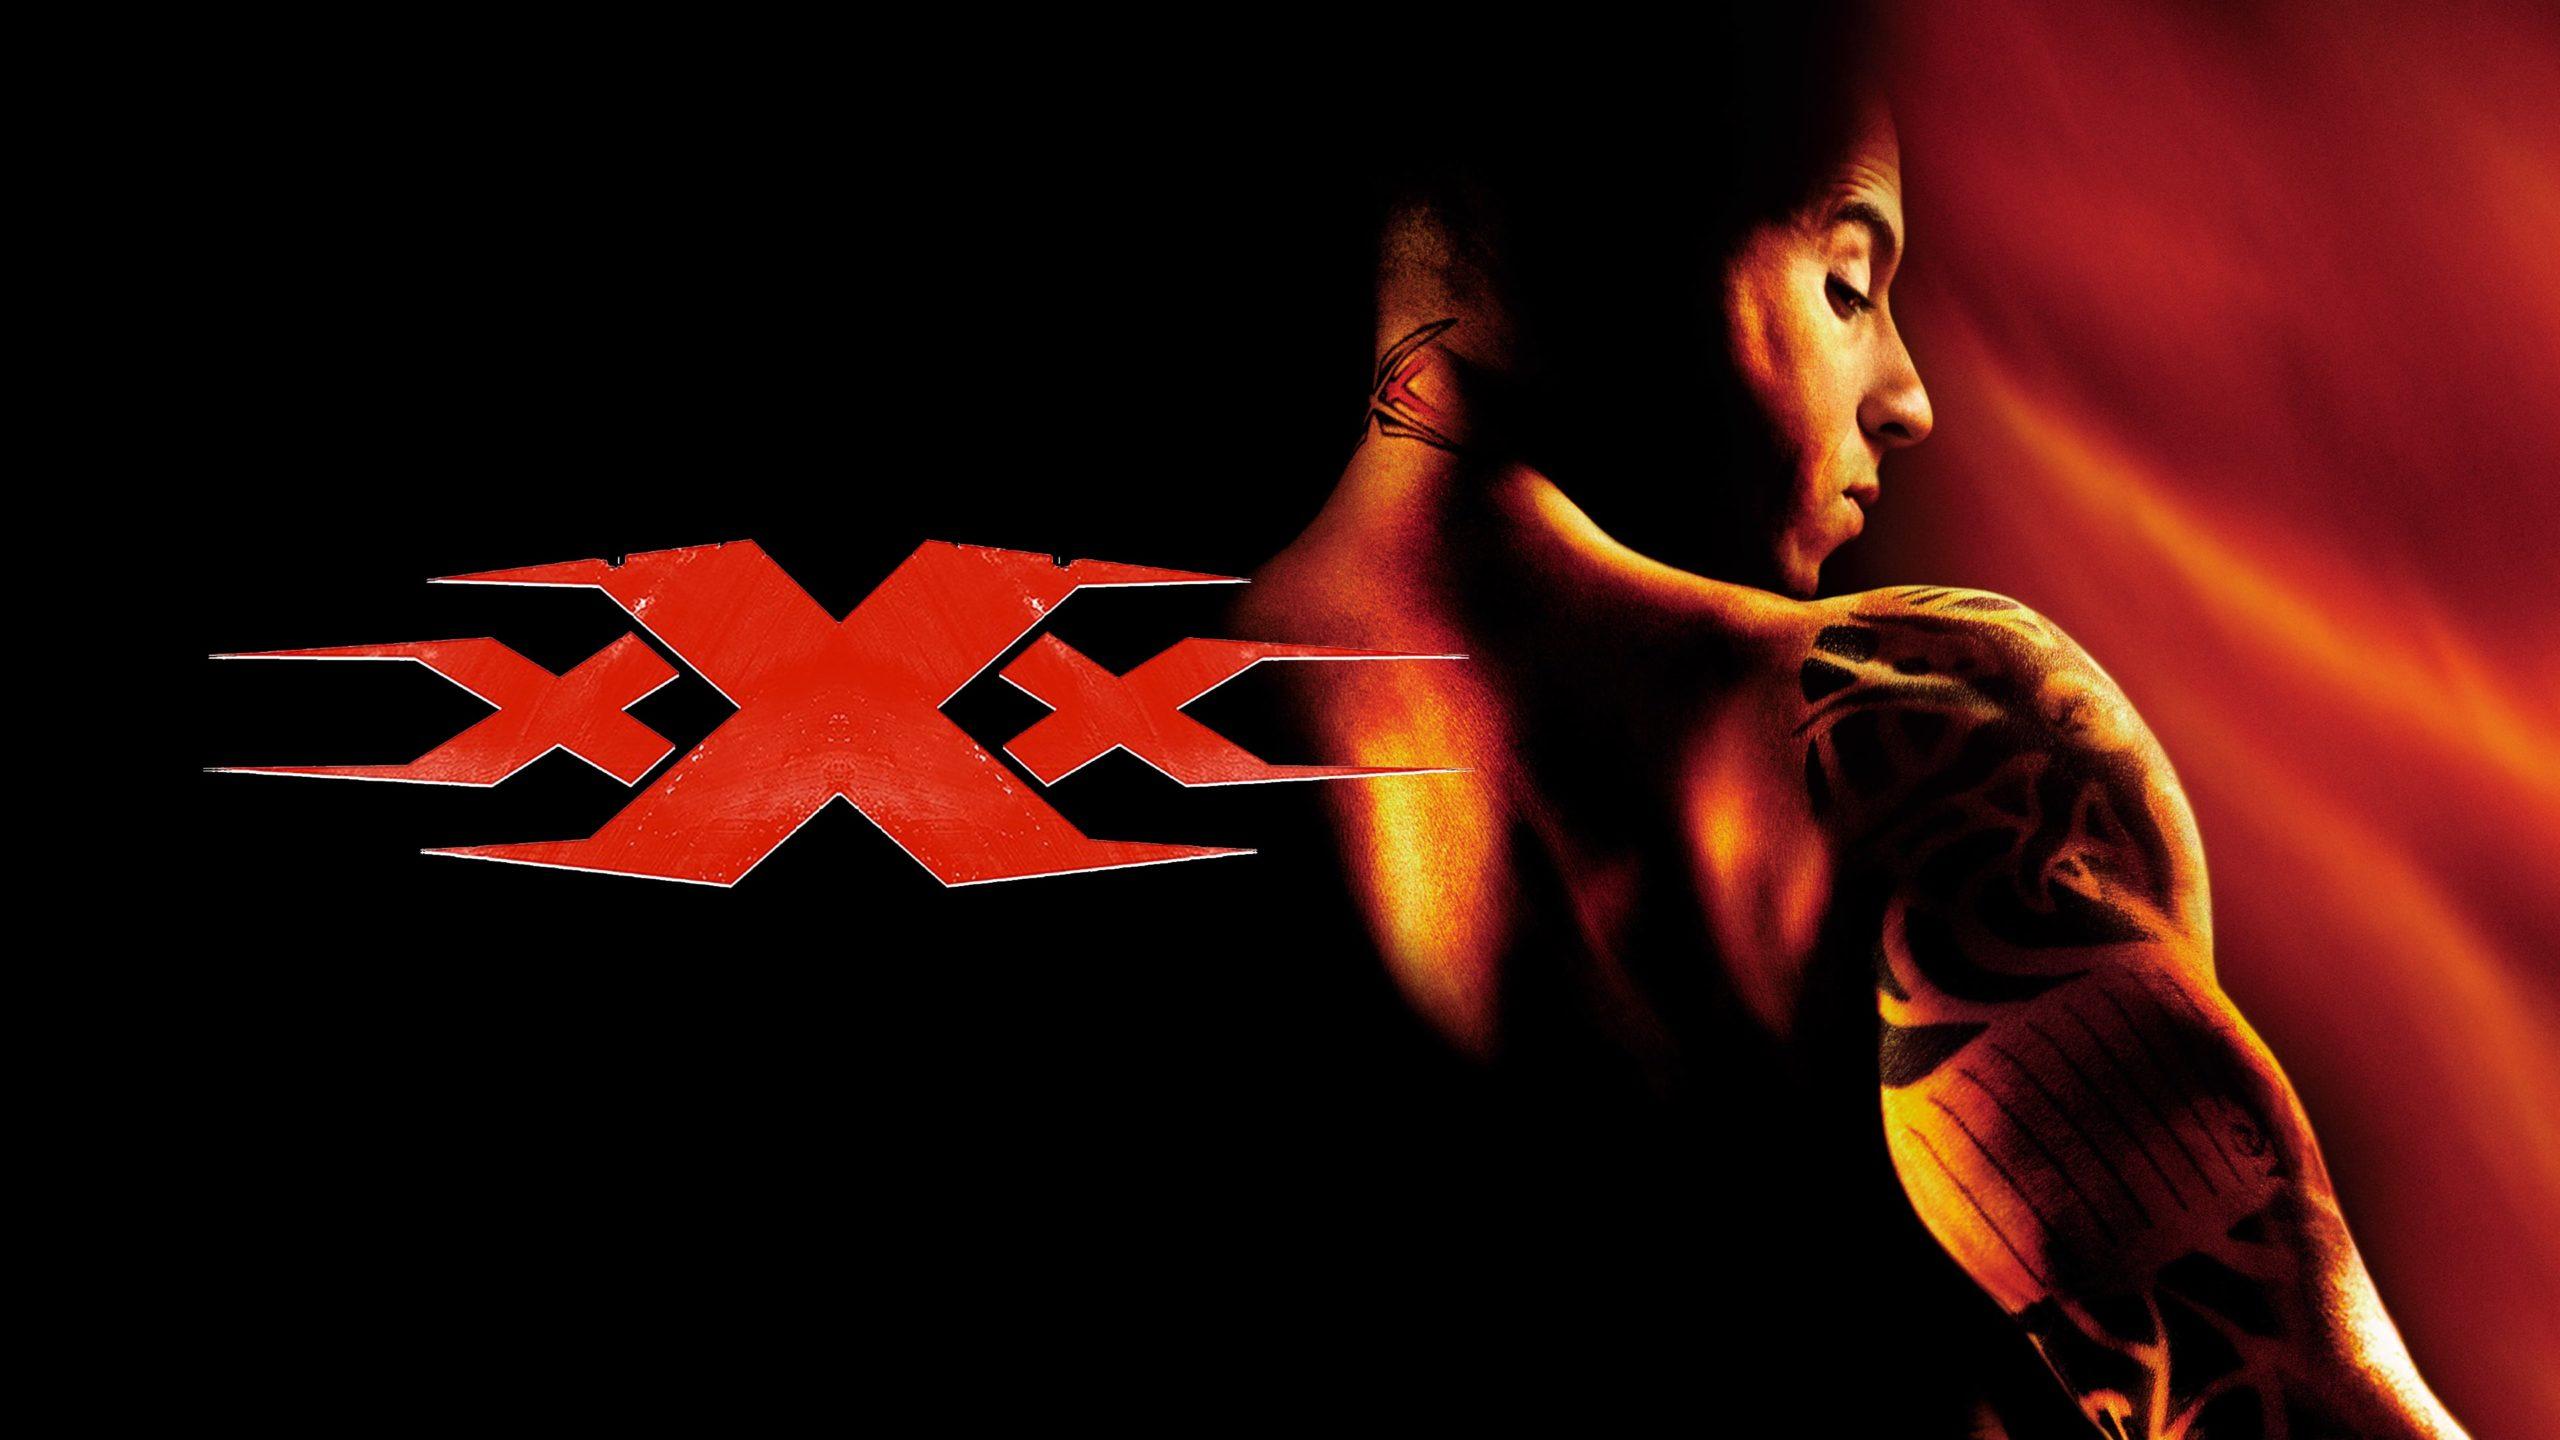 Три икса (2002) фильм Вин дизель